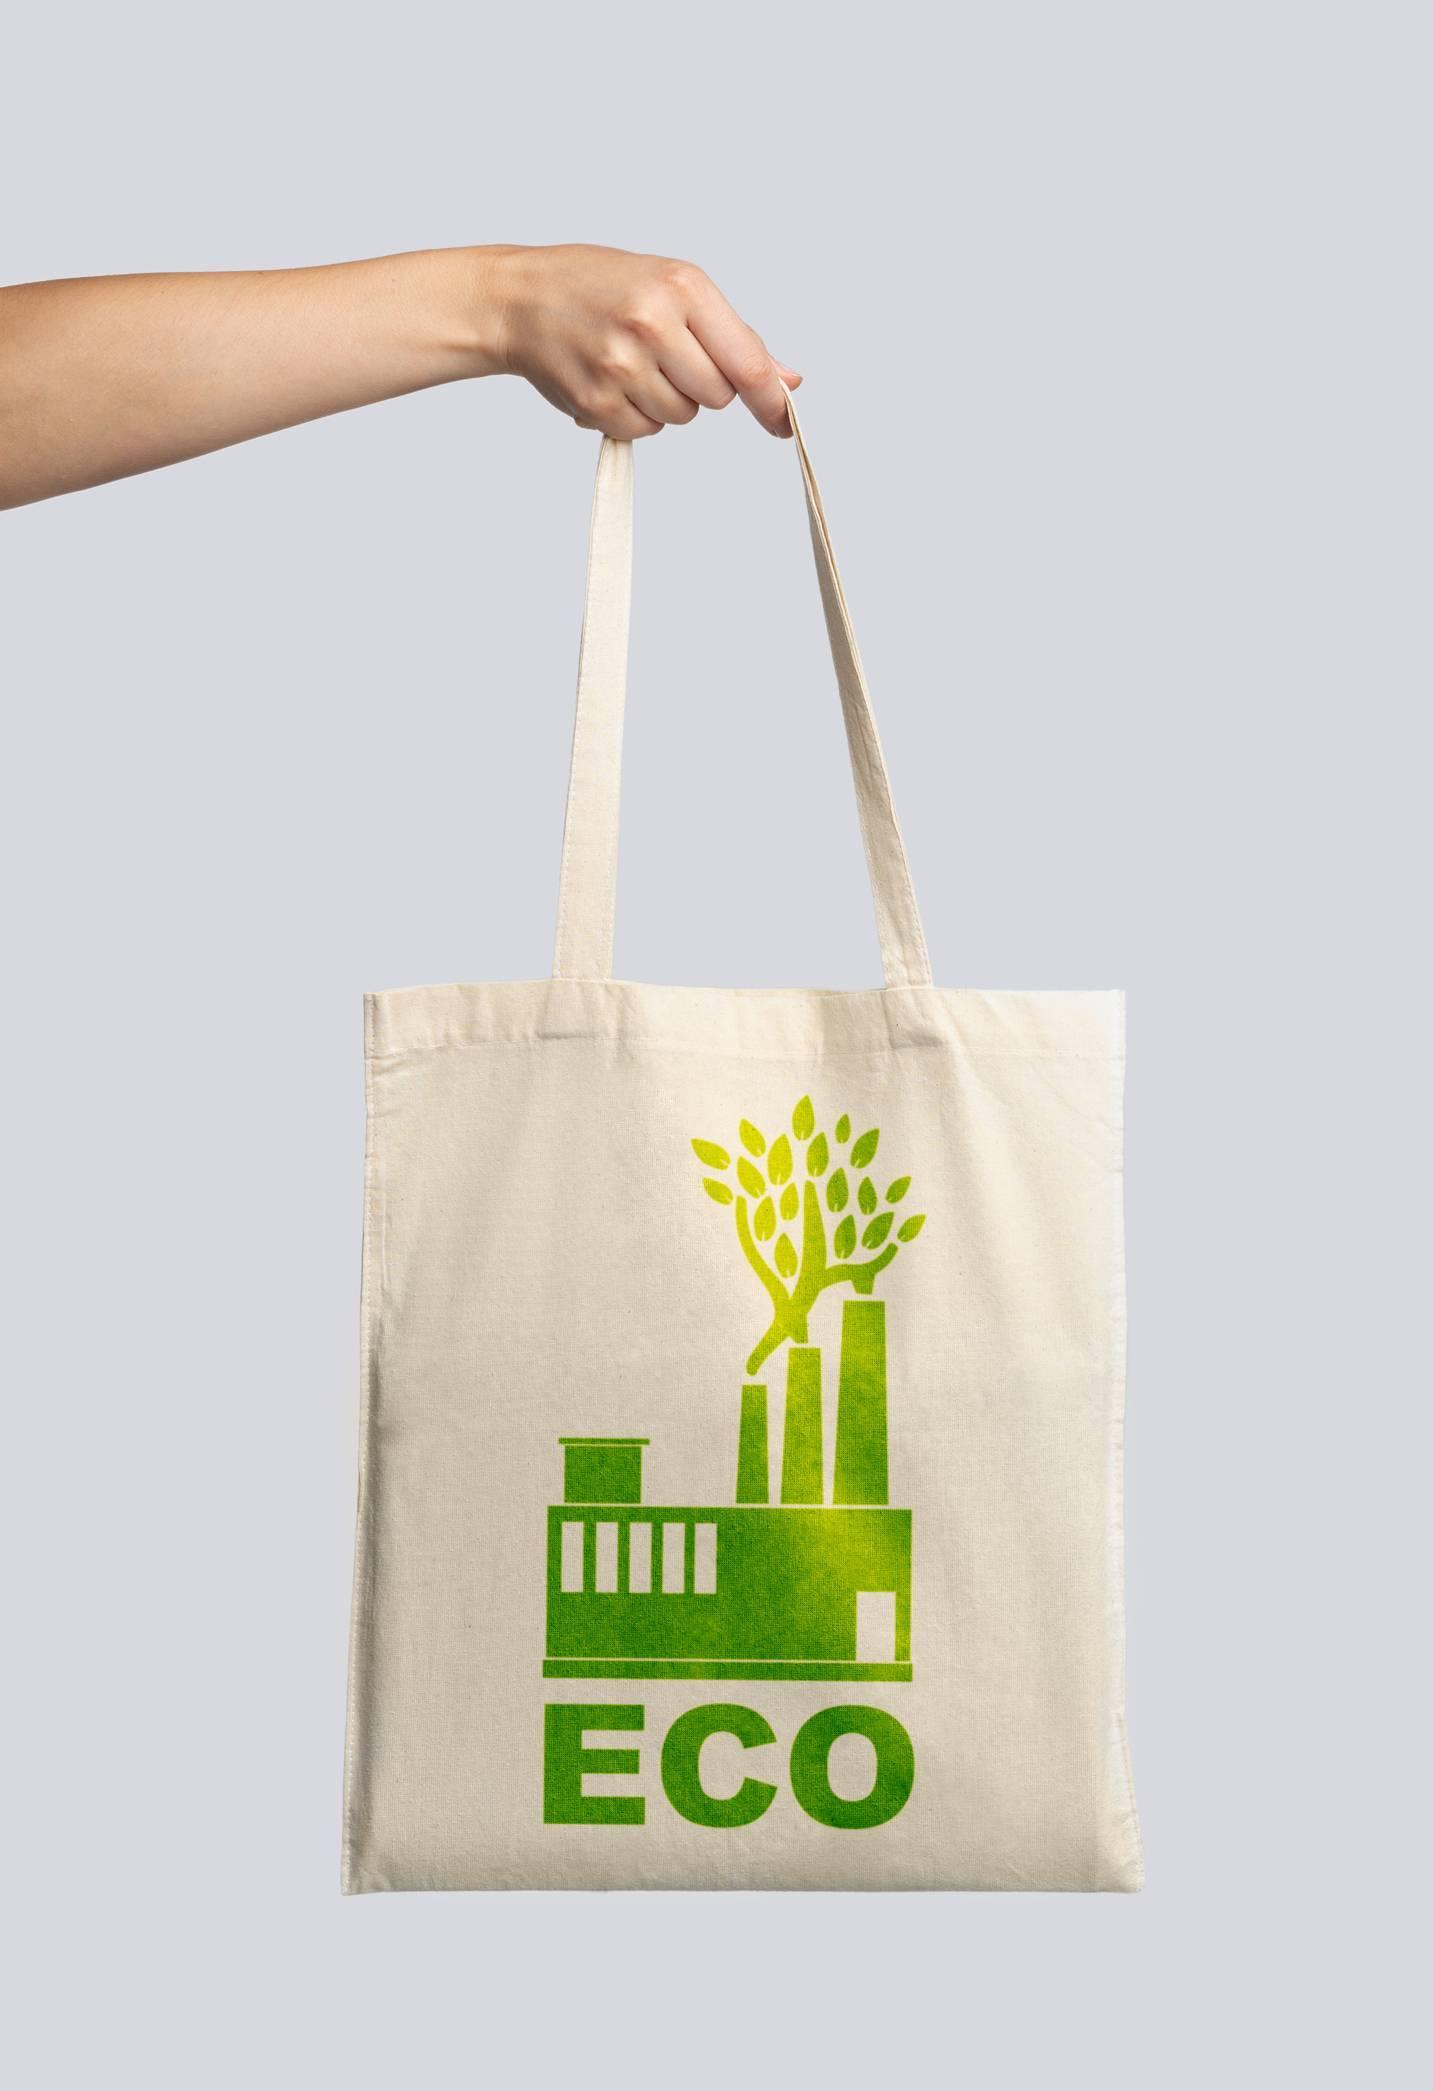 La tote bag est un objet publicitaire idéal pour un événement écoresponsable.